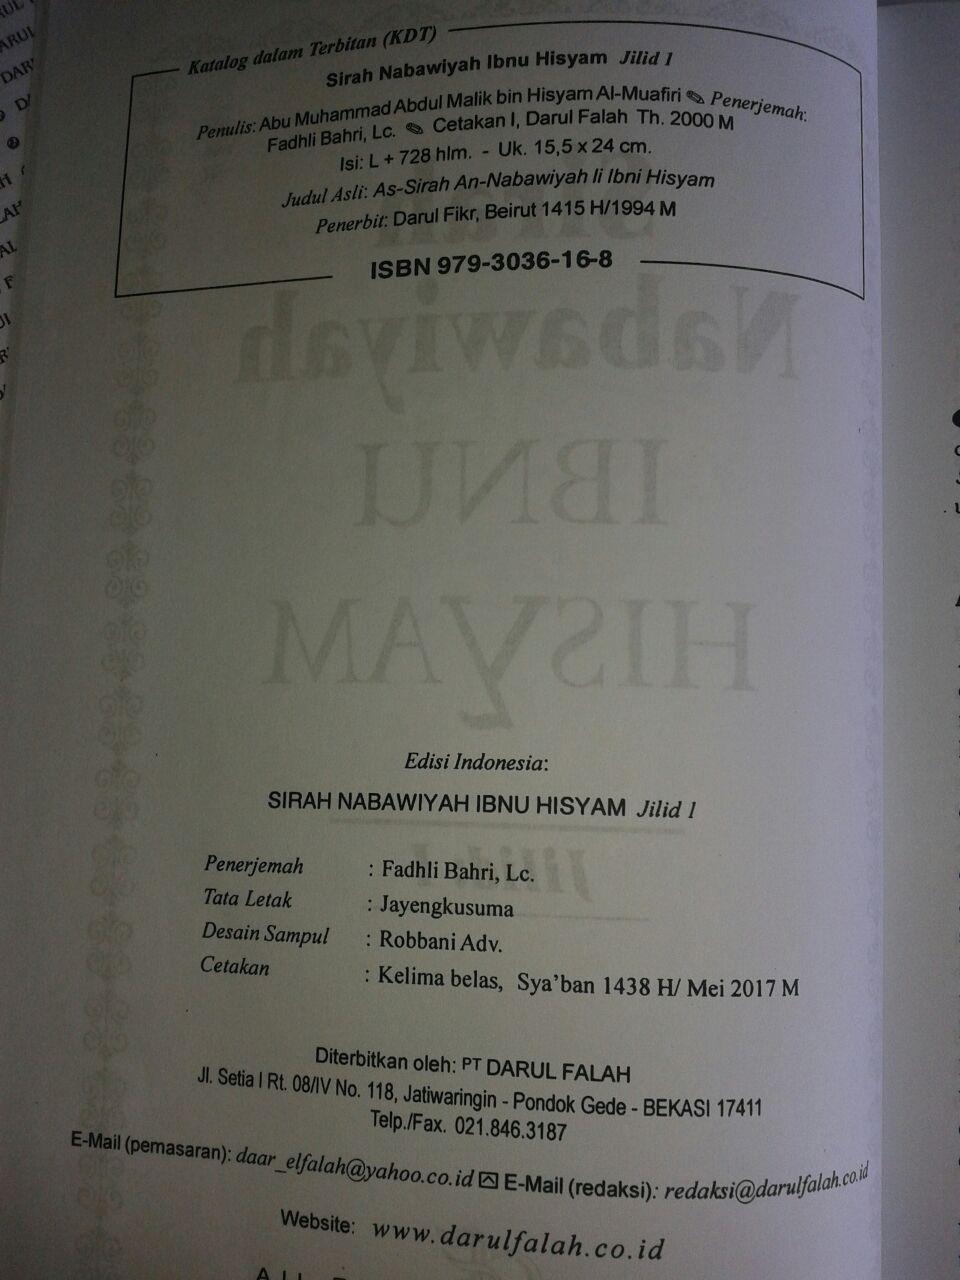 Buku Sirah Nabawiyah Ibnu Hisyam 1 Set 2 Jilid isi 3